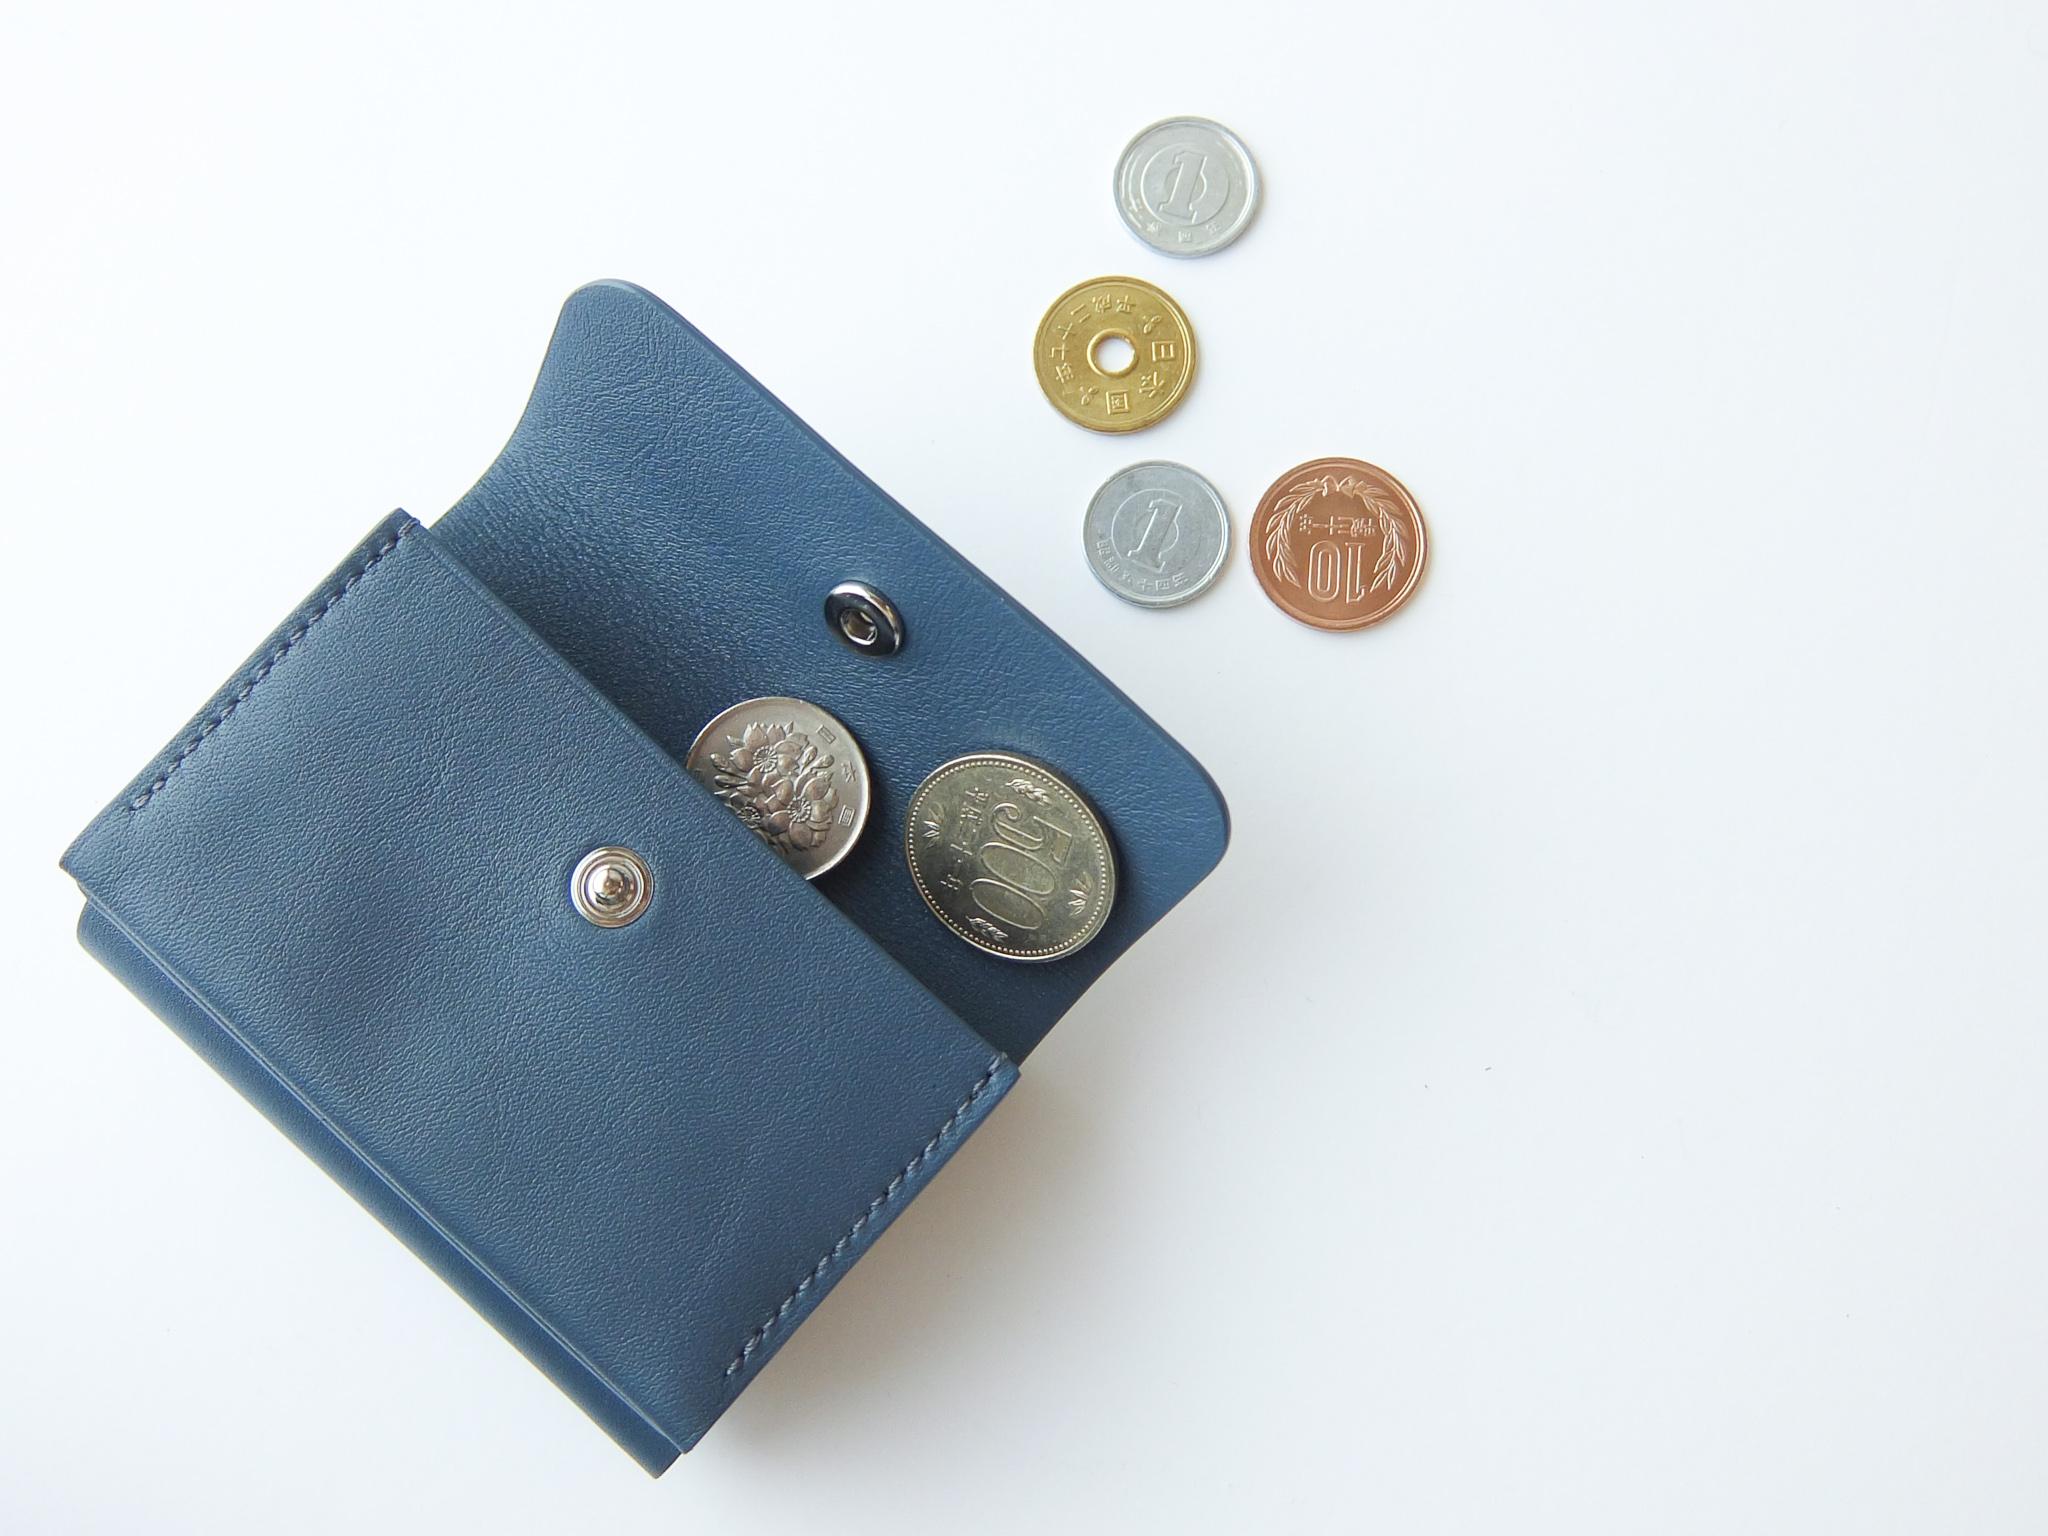 シンプルに本質を見極めた革財布、スタンダードサプライ。